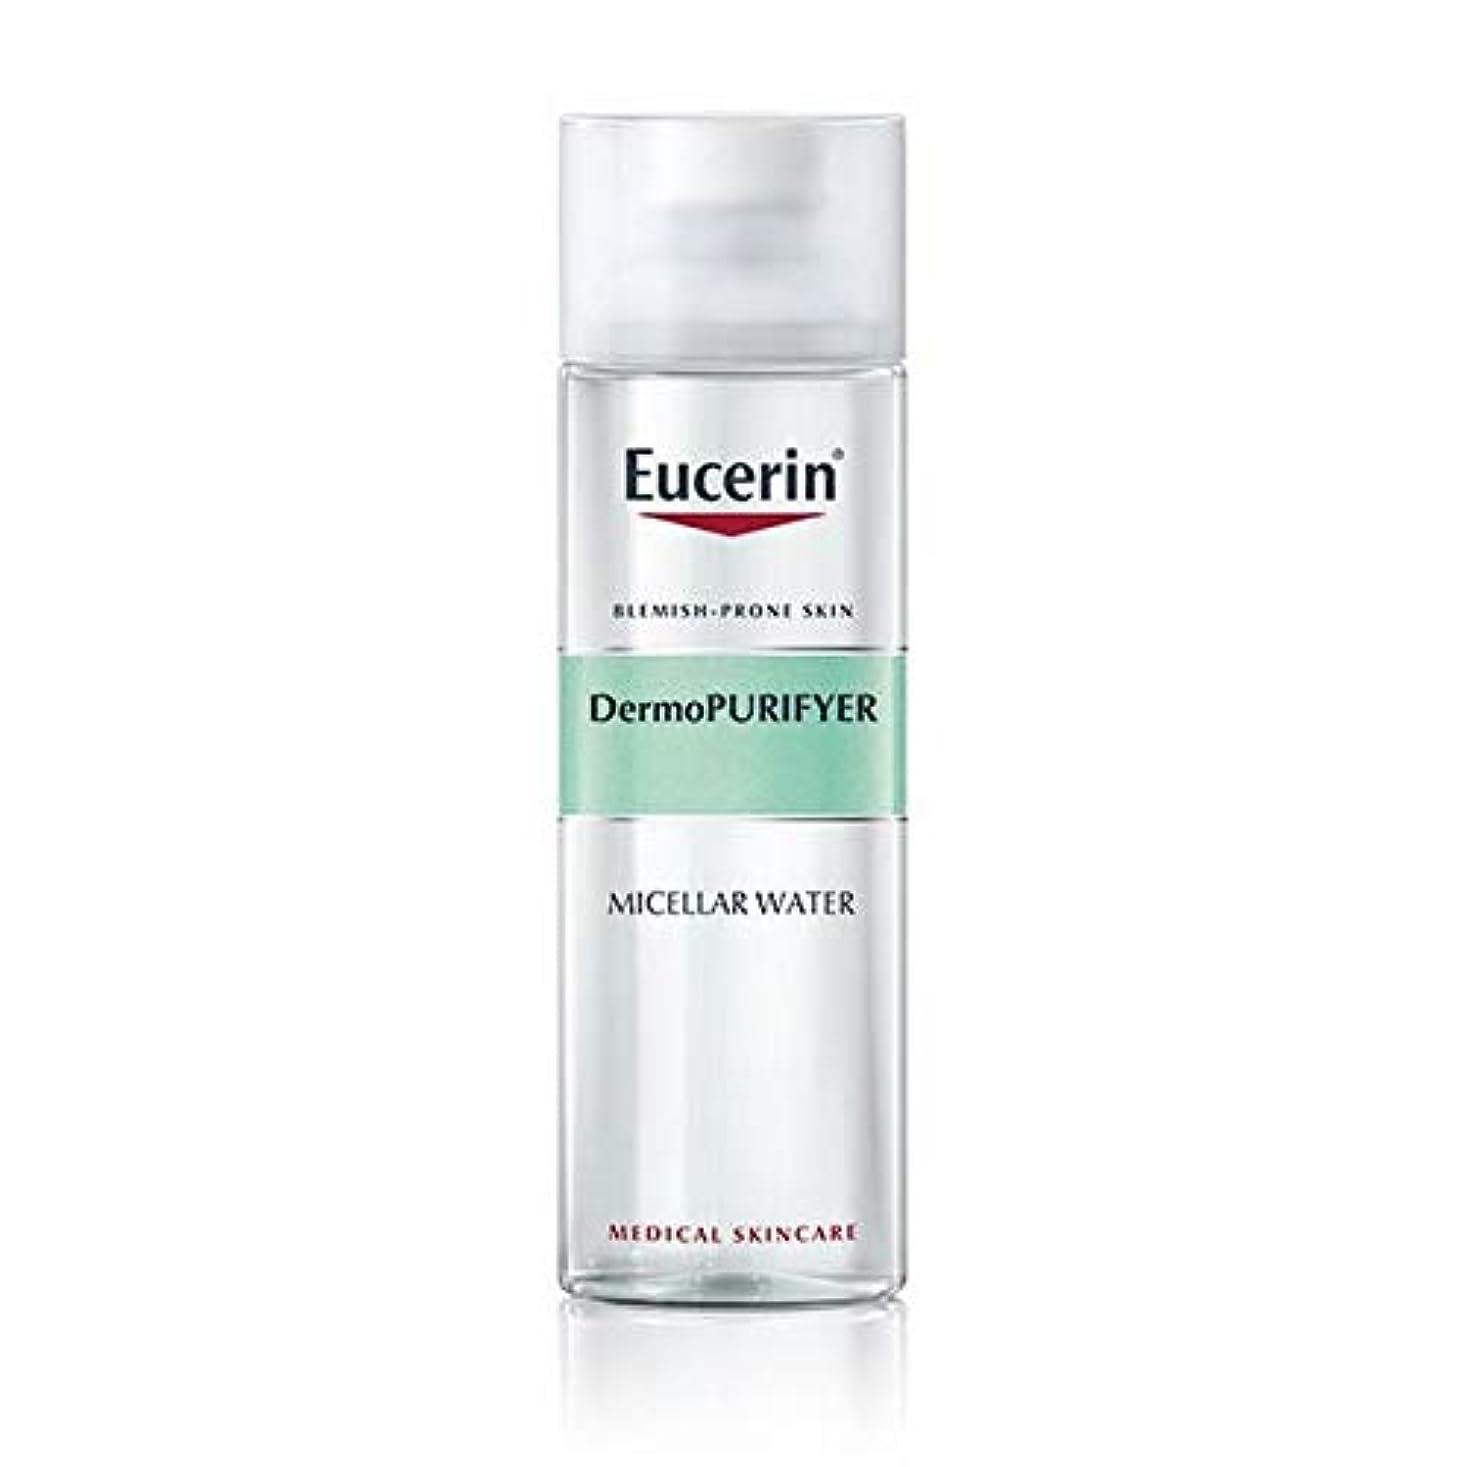 熟した学校教育アルコール[Eucerin ] オイルコントロールミセル水200ミリリットルDermopurifyerユーセリン - Eucerin Dermopurifyer Oil Control Micellar Water 200ml [並行輸入品]